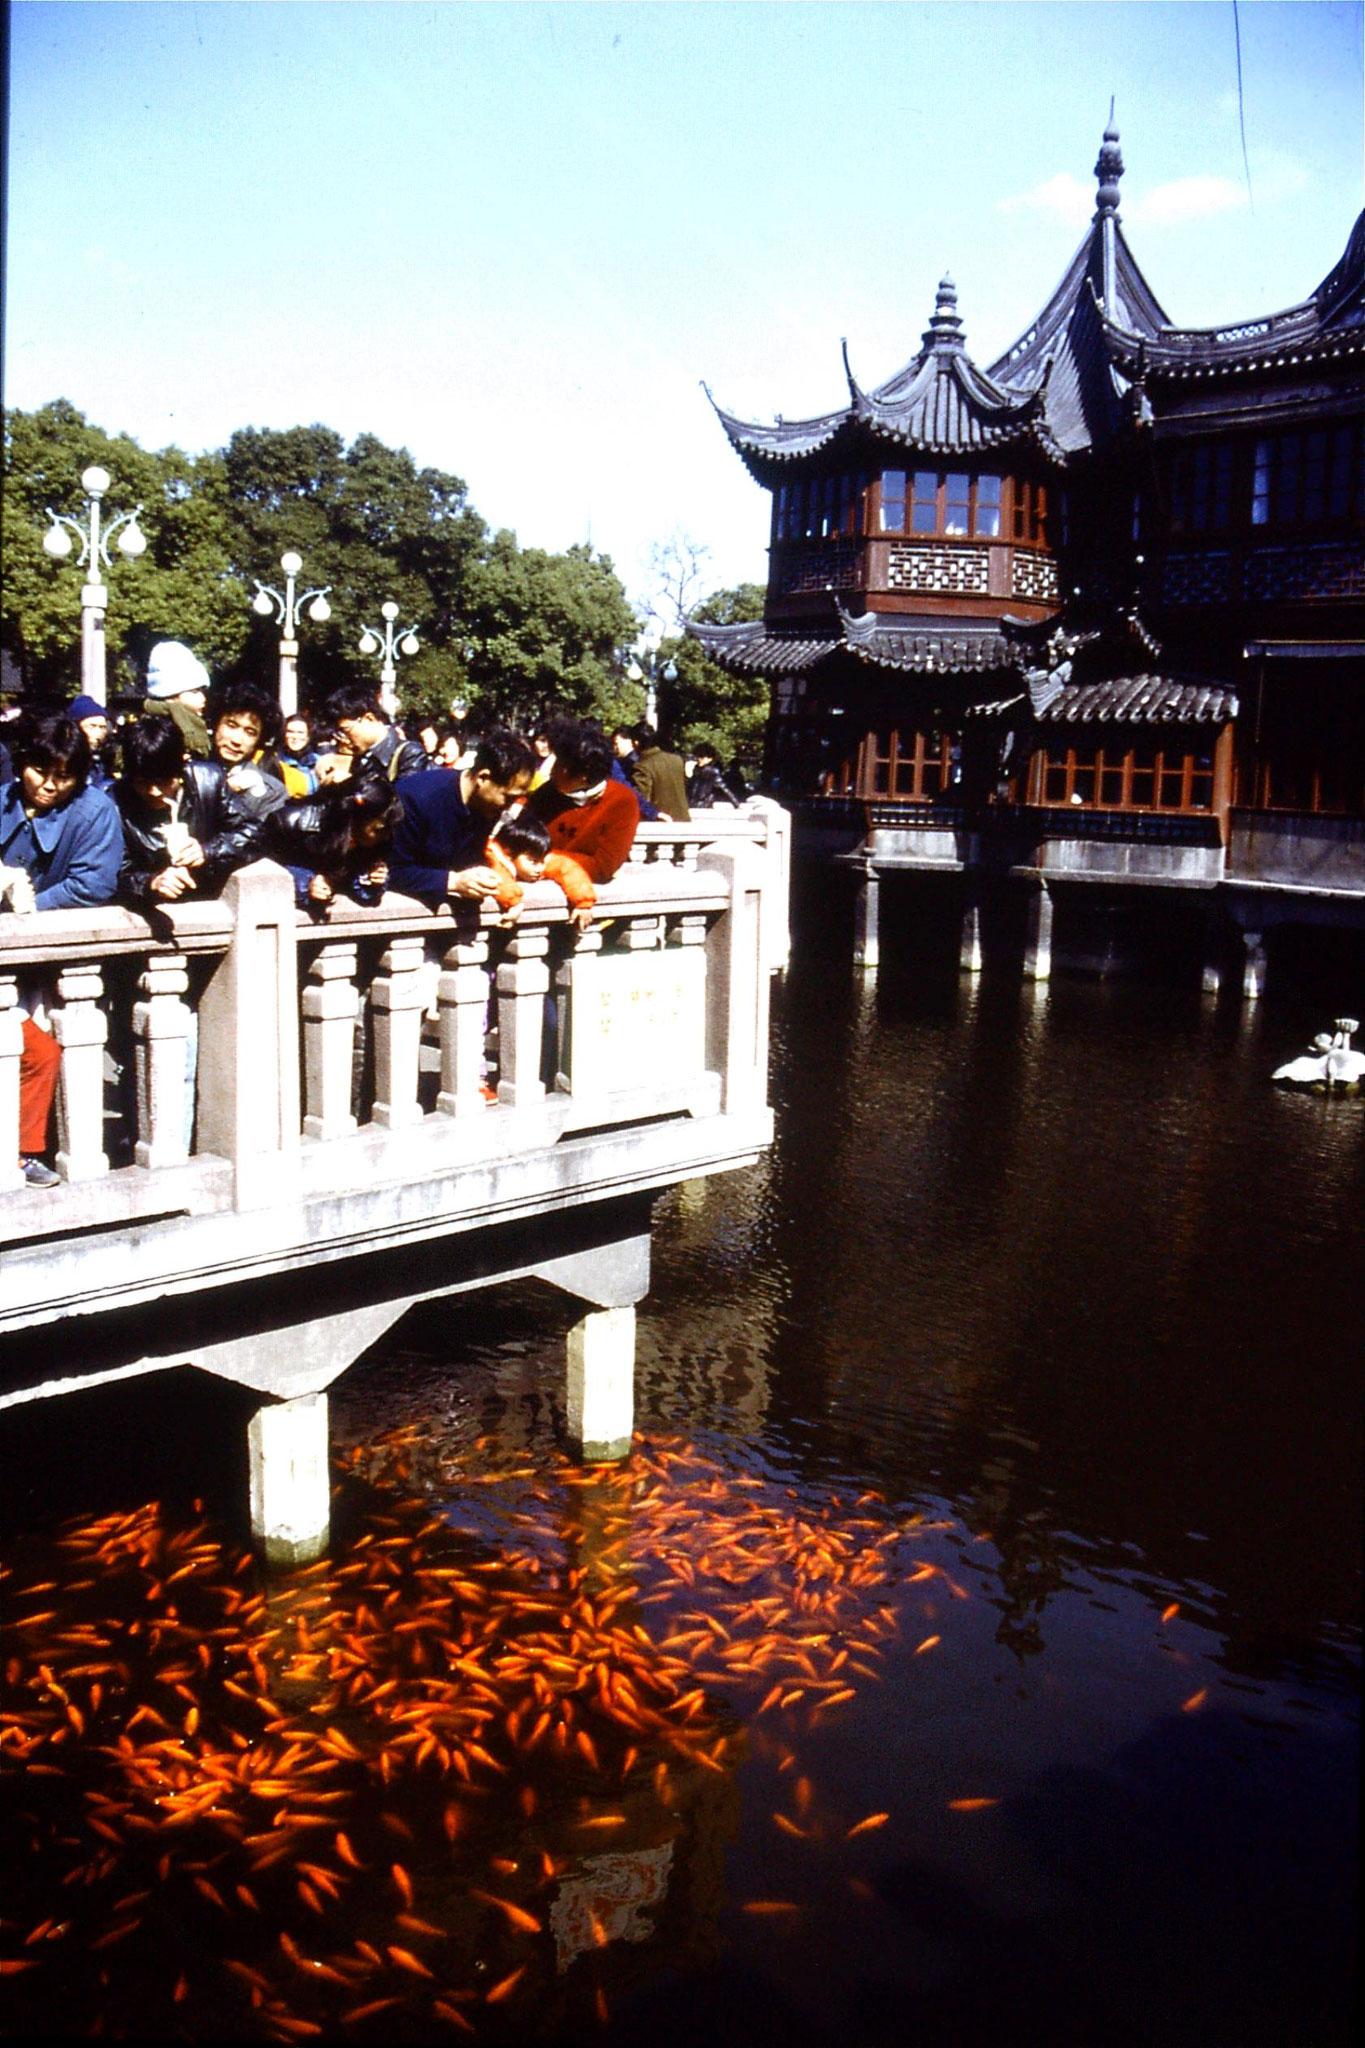 10/2/1989: 32: Yuyuan Gardens